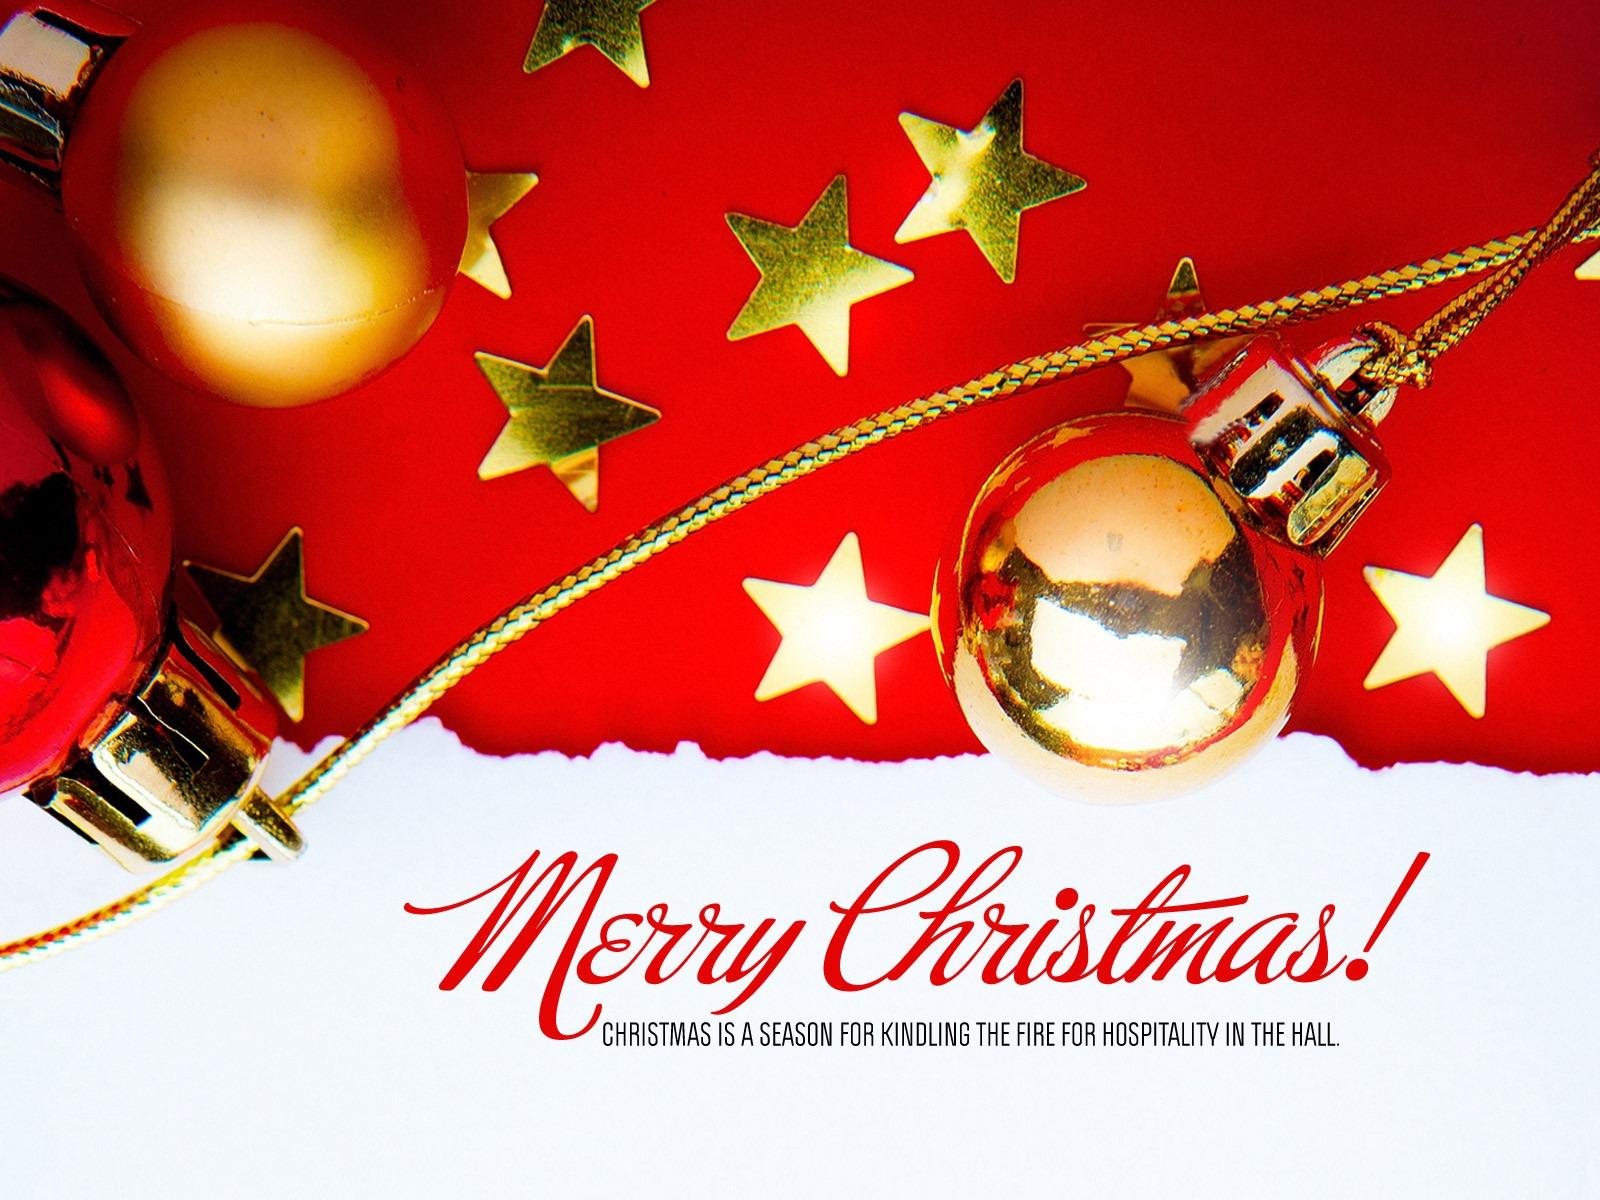 かわいいメリークリスマス 休日のhdの壁紙プレビュー 10wallpaper Com